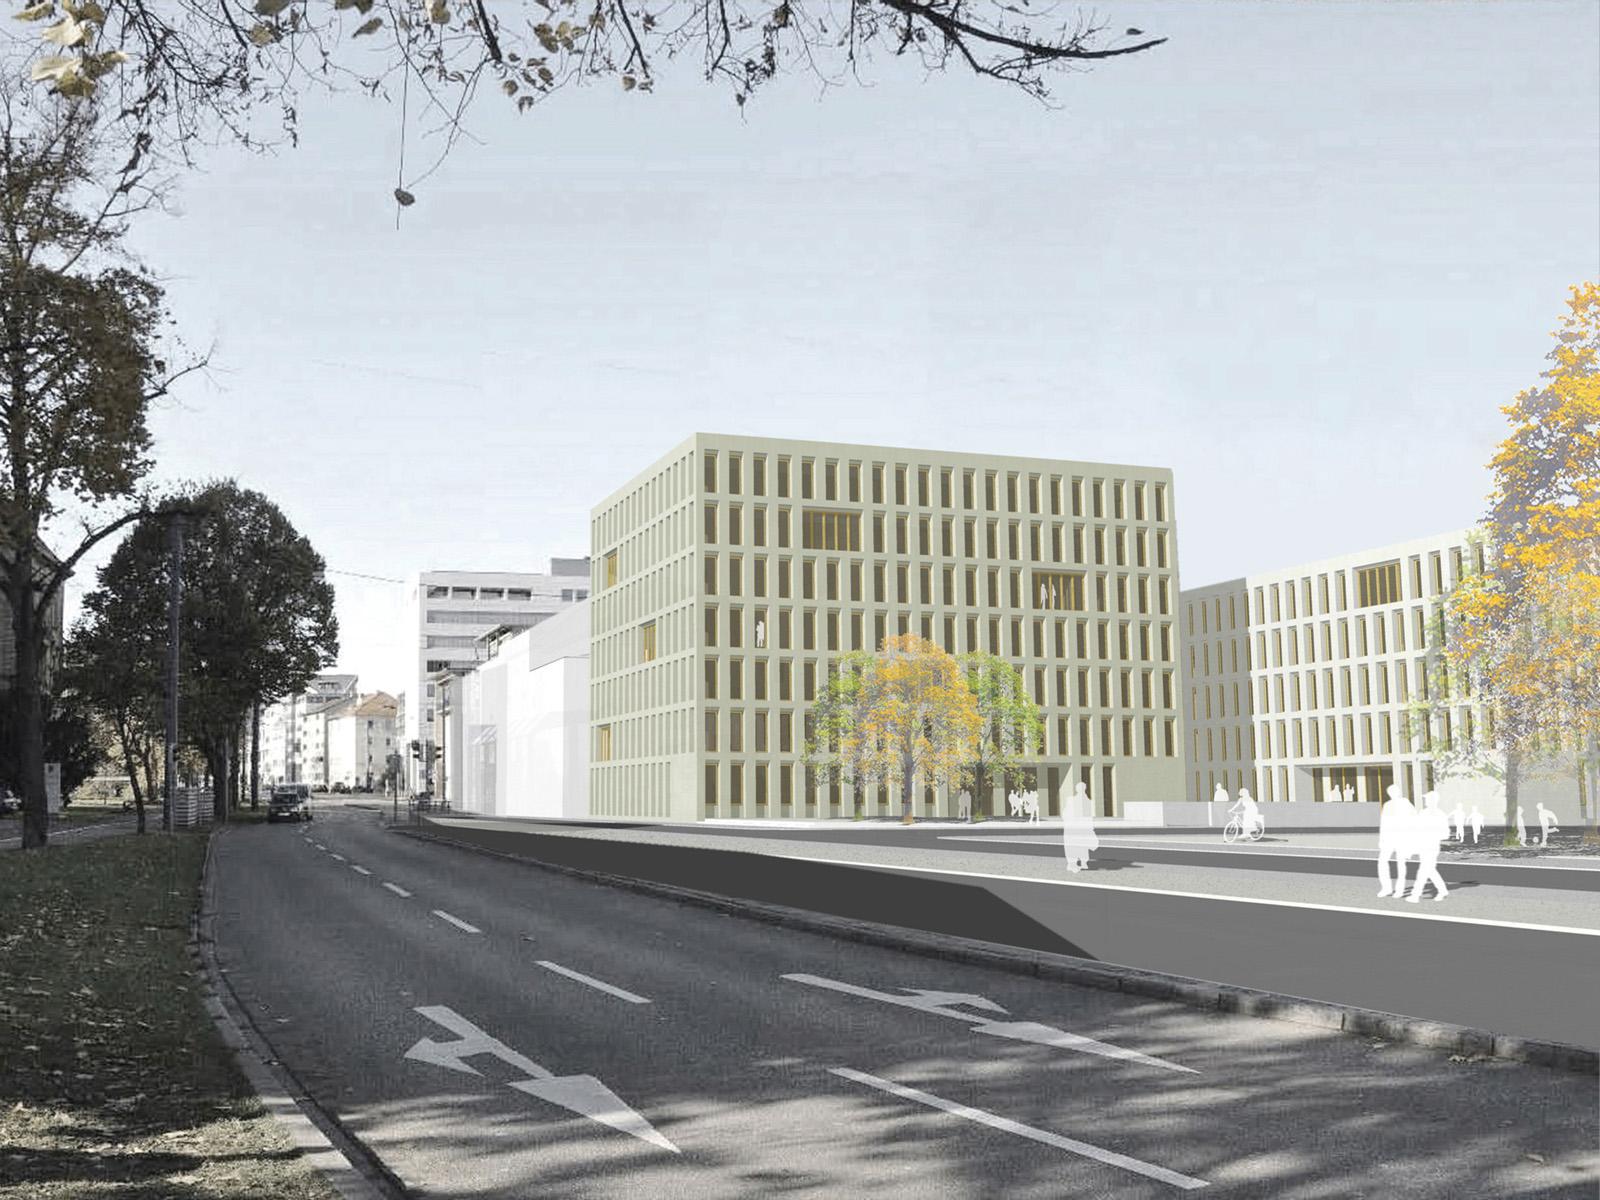 Perspektive-Olagstrasse-Ulm-Wettbewerb-Neubau-Staatanwaltschaft-Ulm-3.Preis-2010-© Friedrich-Poerschke-Zwink-Architekten